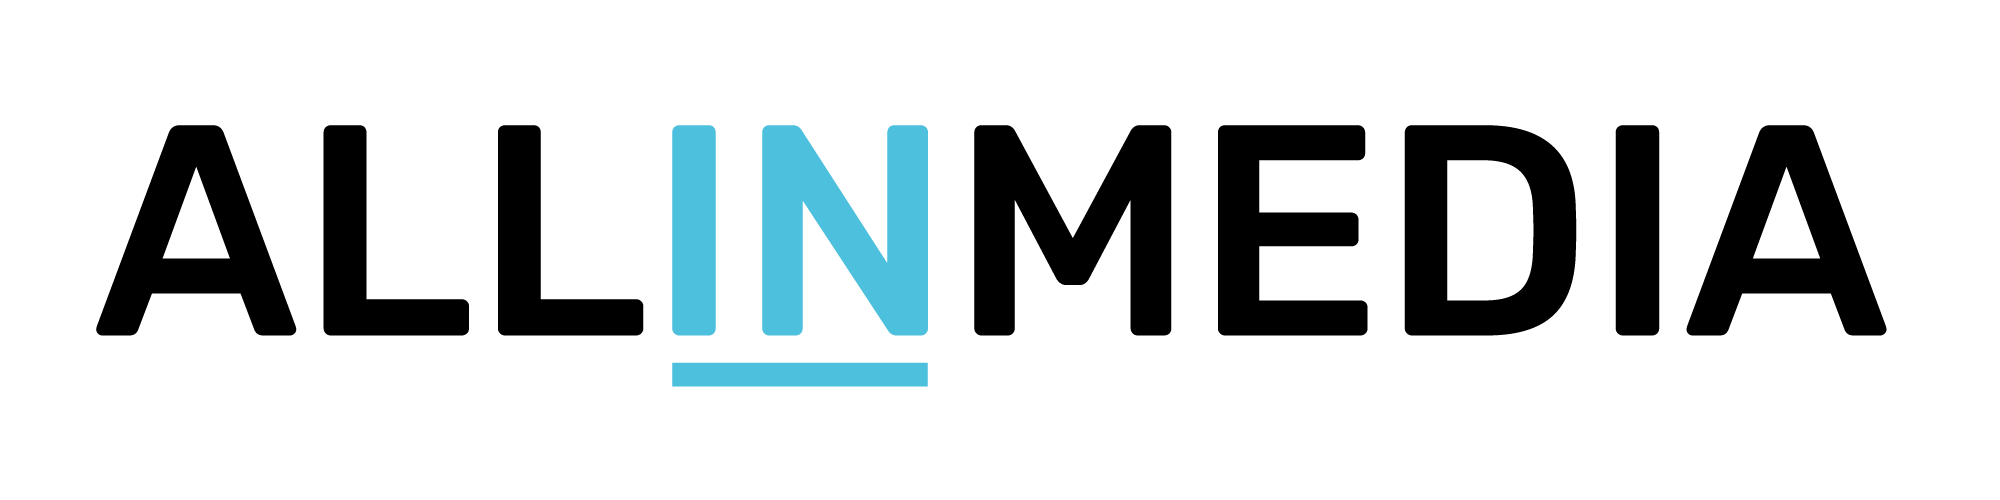 ALL IN MEDIA - Webdesign, E-Commerce Thun Bern Interlaken